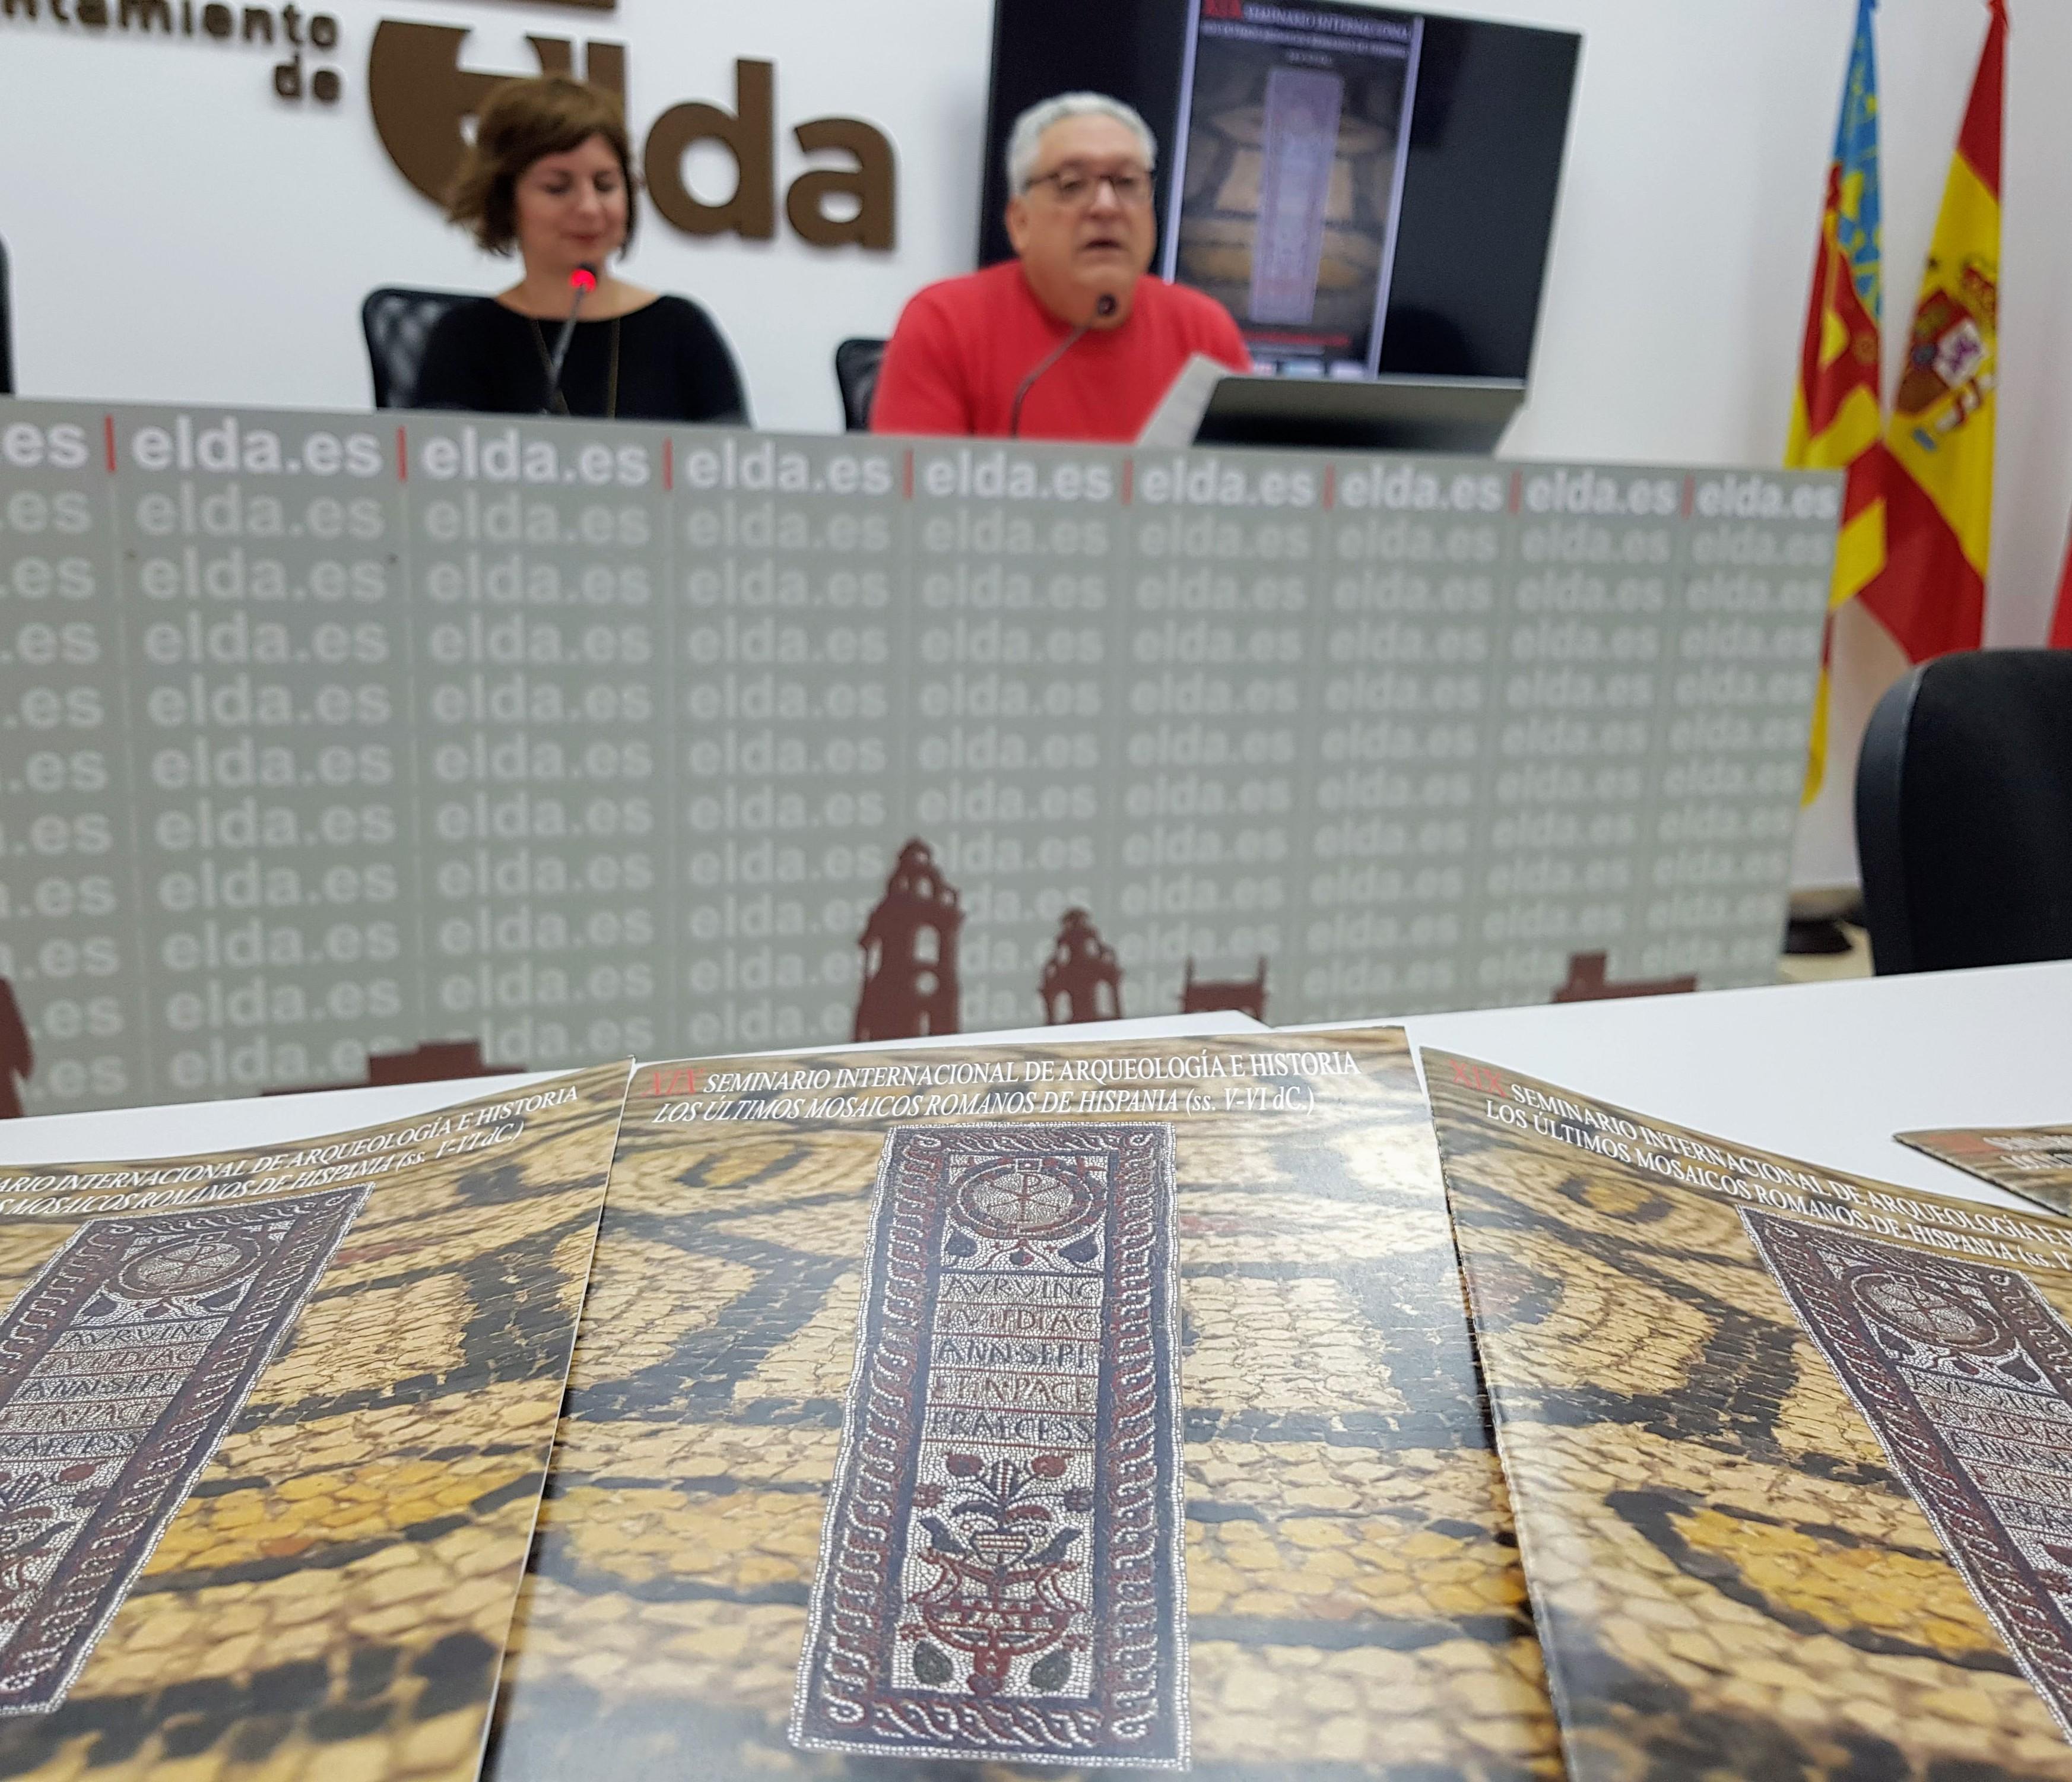 El XIX Seminario Internacional de Arqueología e Historia abordará el estudio de los mosaicos romanos de Hispania